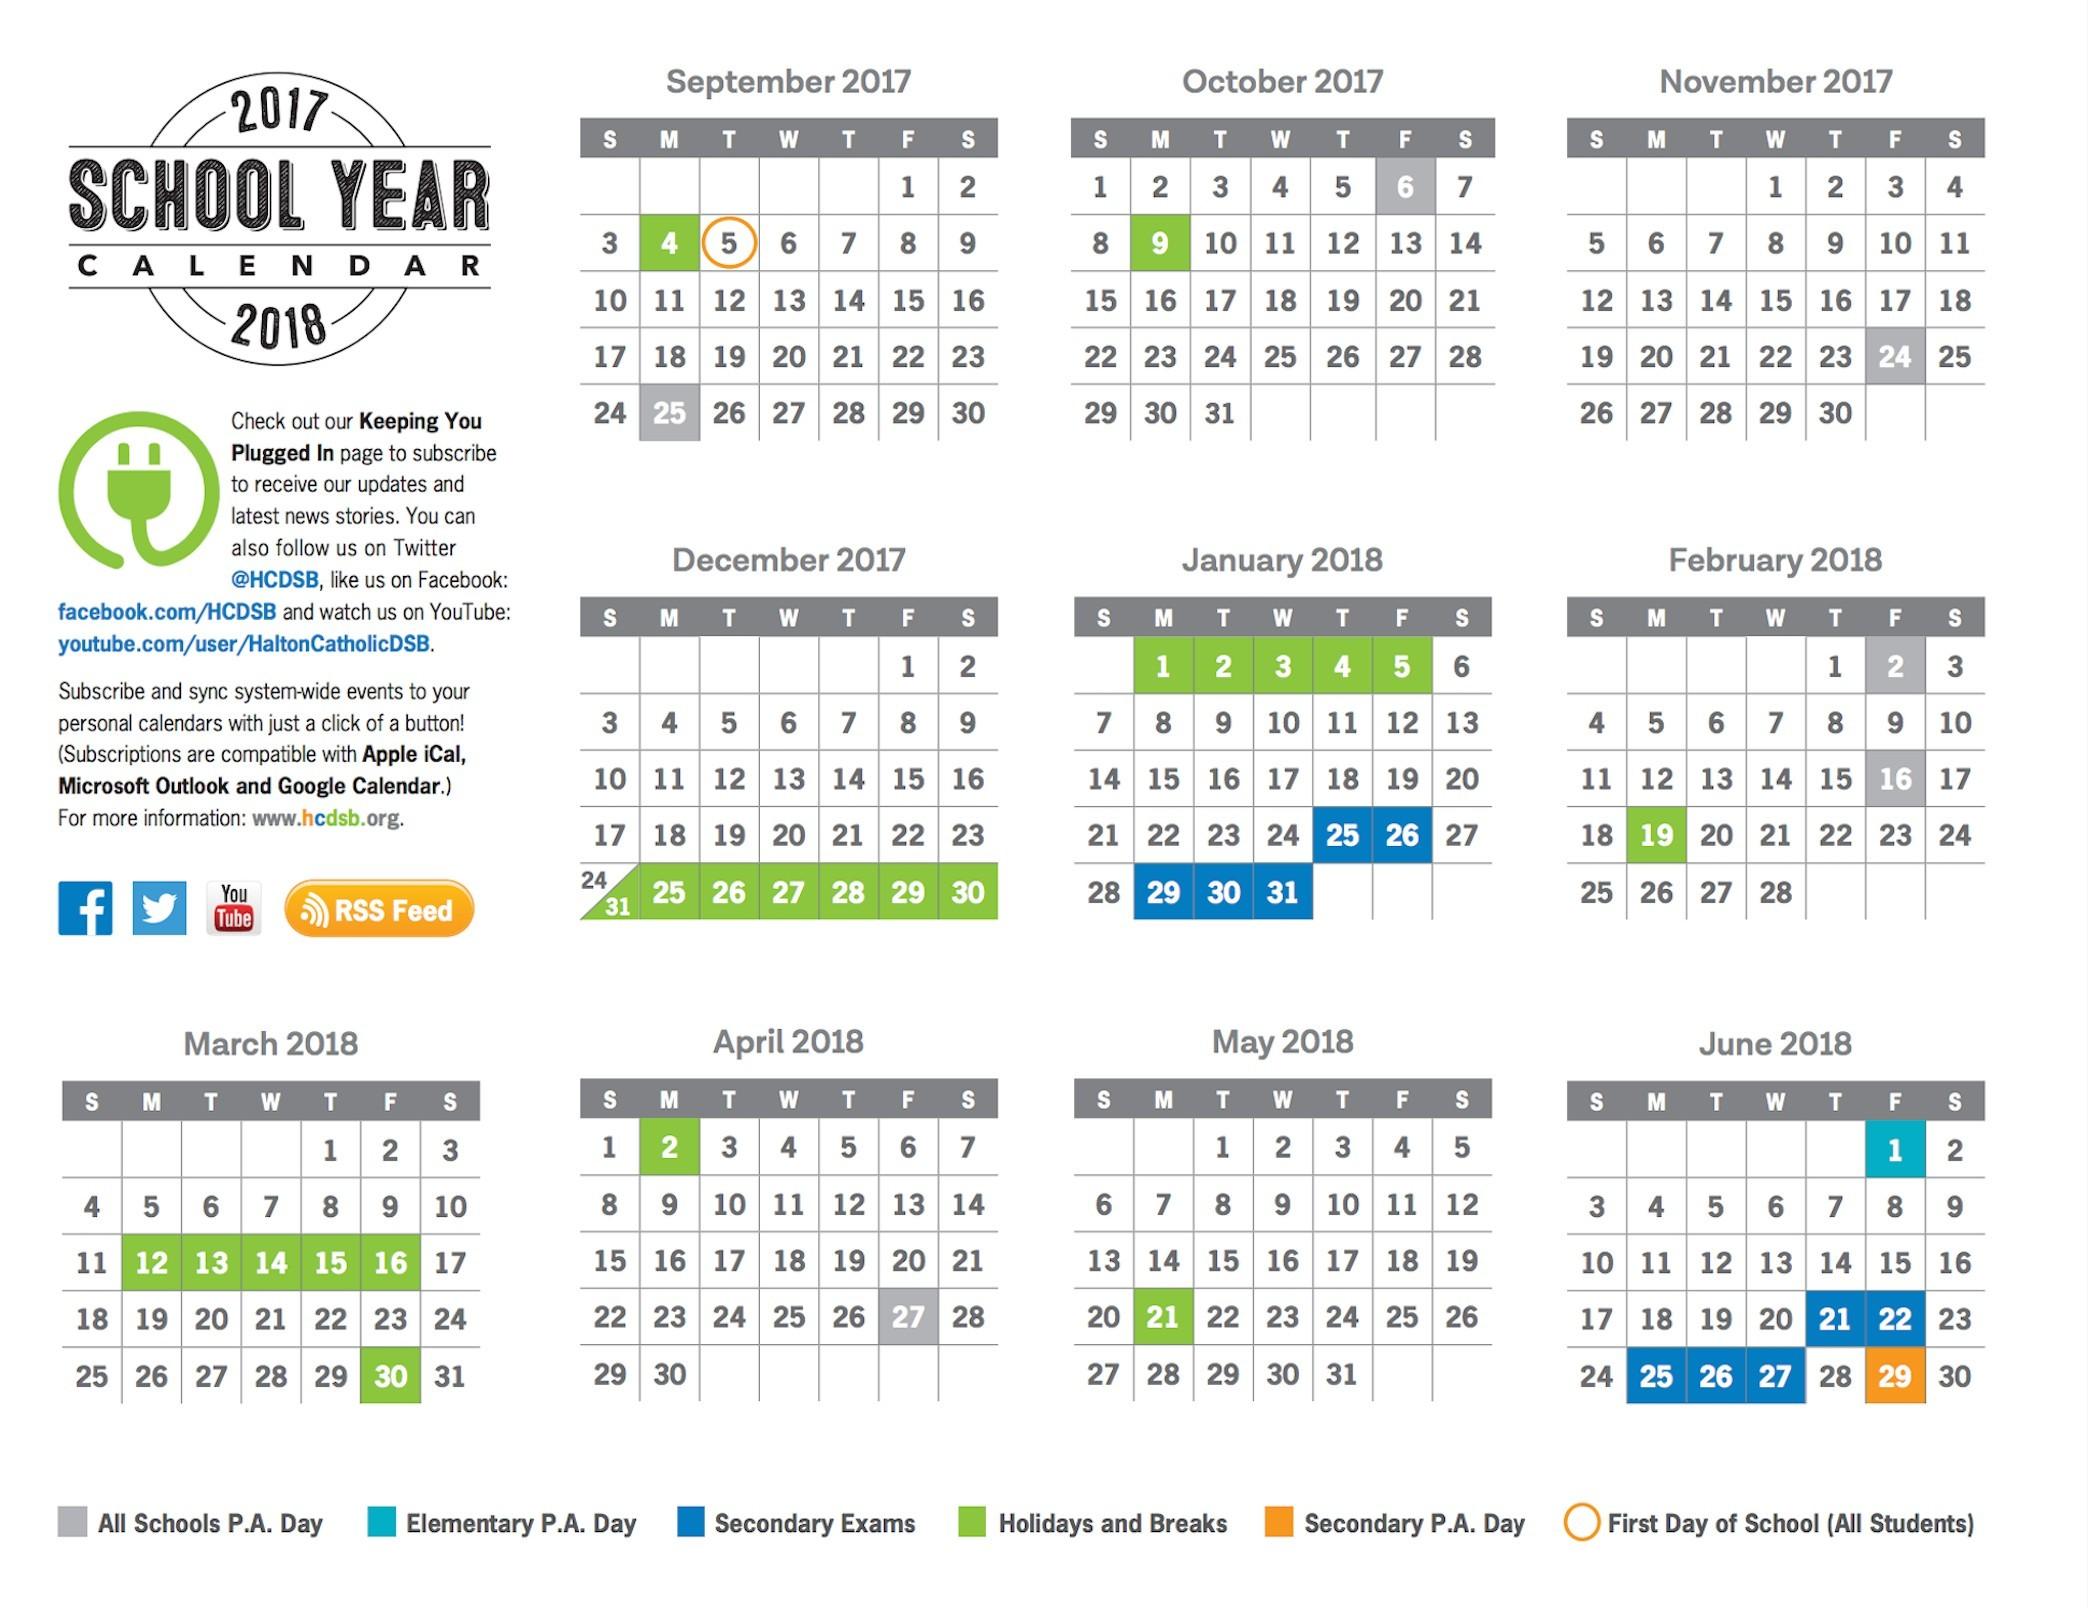 calendario 2019 ingles mas actual 2017 2018 school year calendar of calendario 2019 ingles